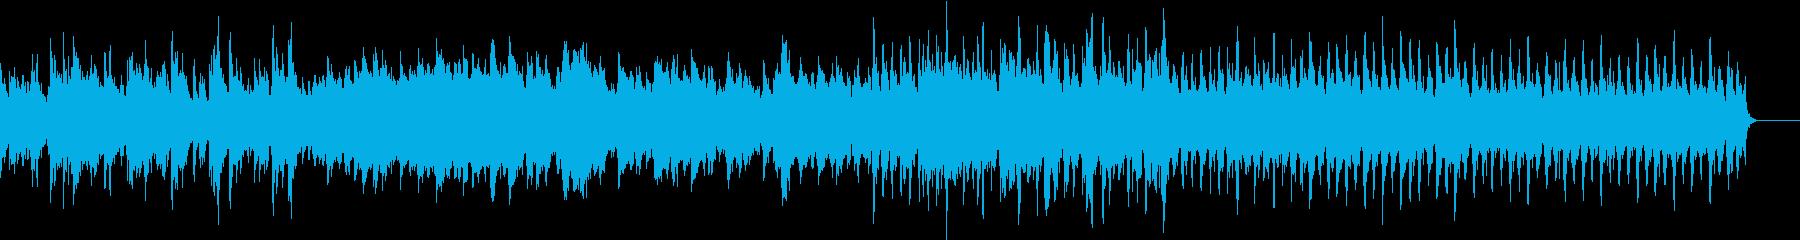 軽快でおしゃれなBGM♪ピアノとサックスの再生済みの波形